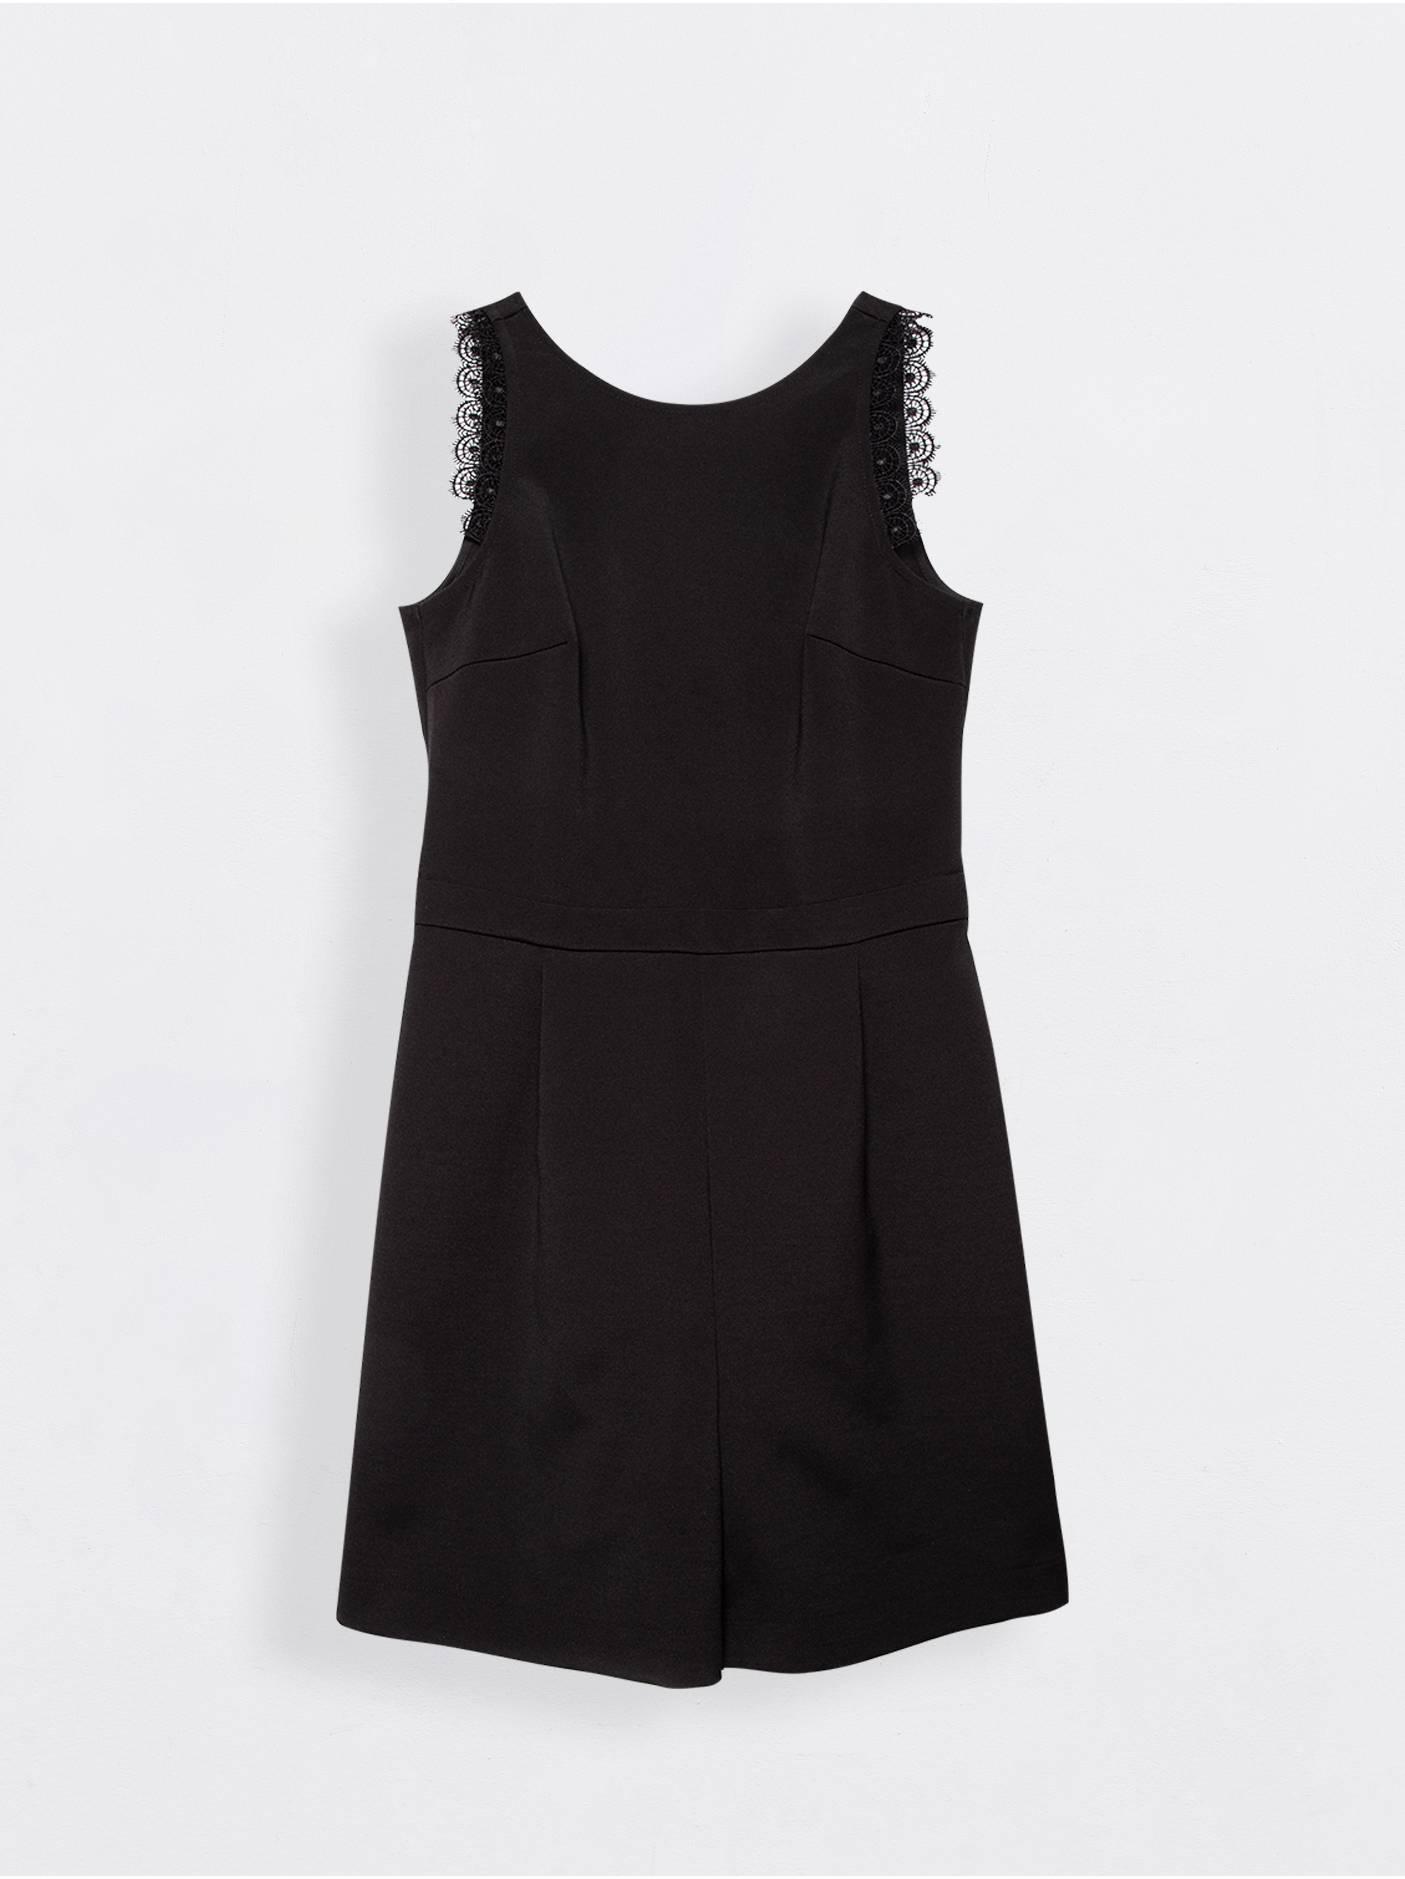 Полукомбинезон женский ⭐️ Черный полукомбинезон с открытыми плечами и кружевом GIGI ⭐️